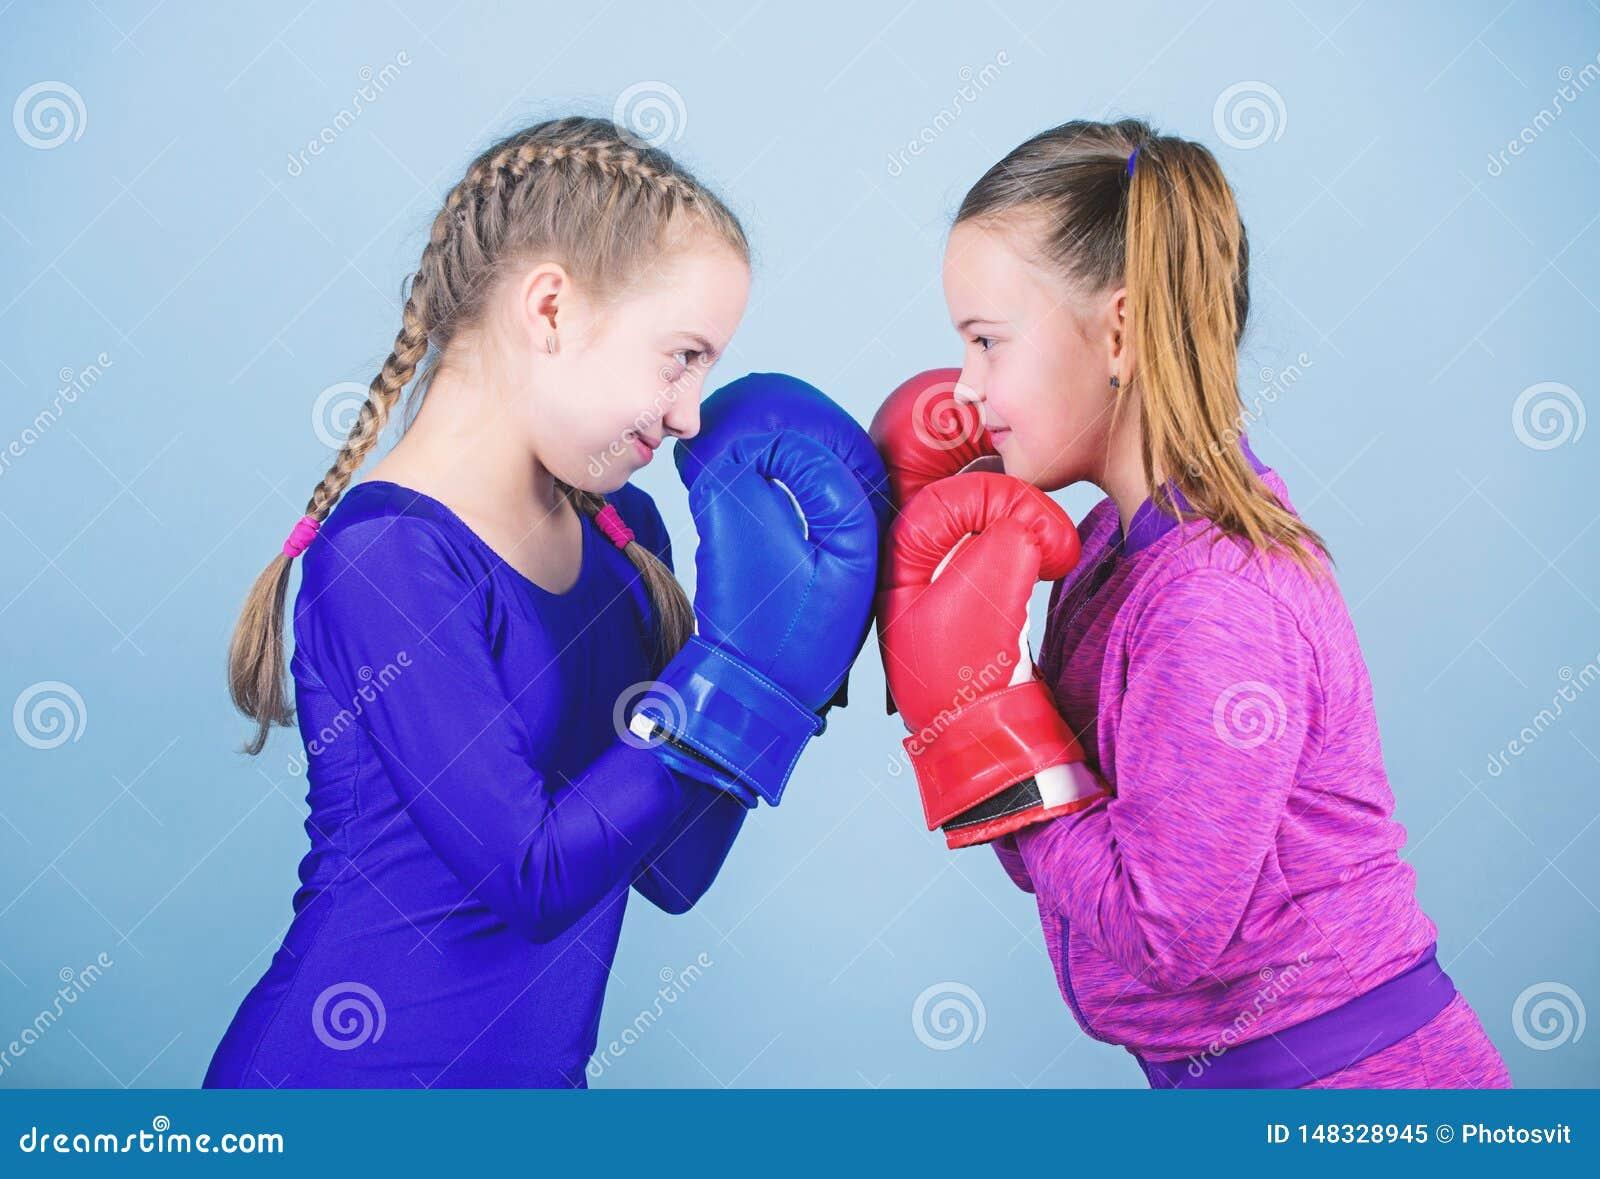 Uderza? pi??ci? nokaut Dzieci?stwo aktywno?? Sprawno?ci fizycznej dieta energetyczni zdrowie trening ma?y dziewczyna bokser w spo